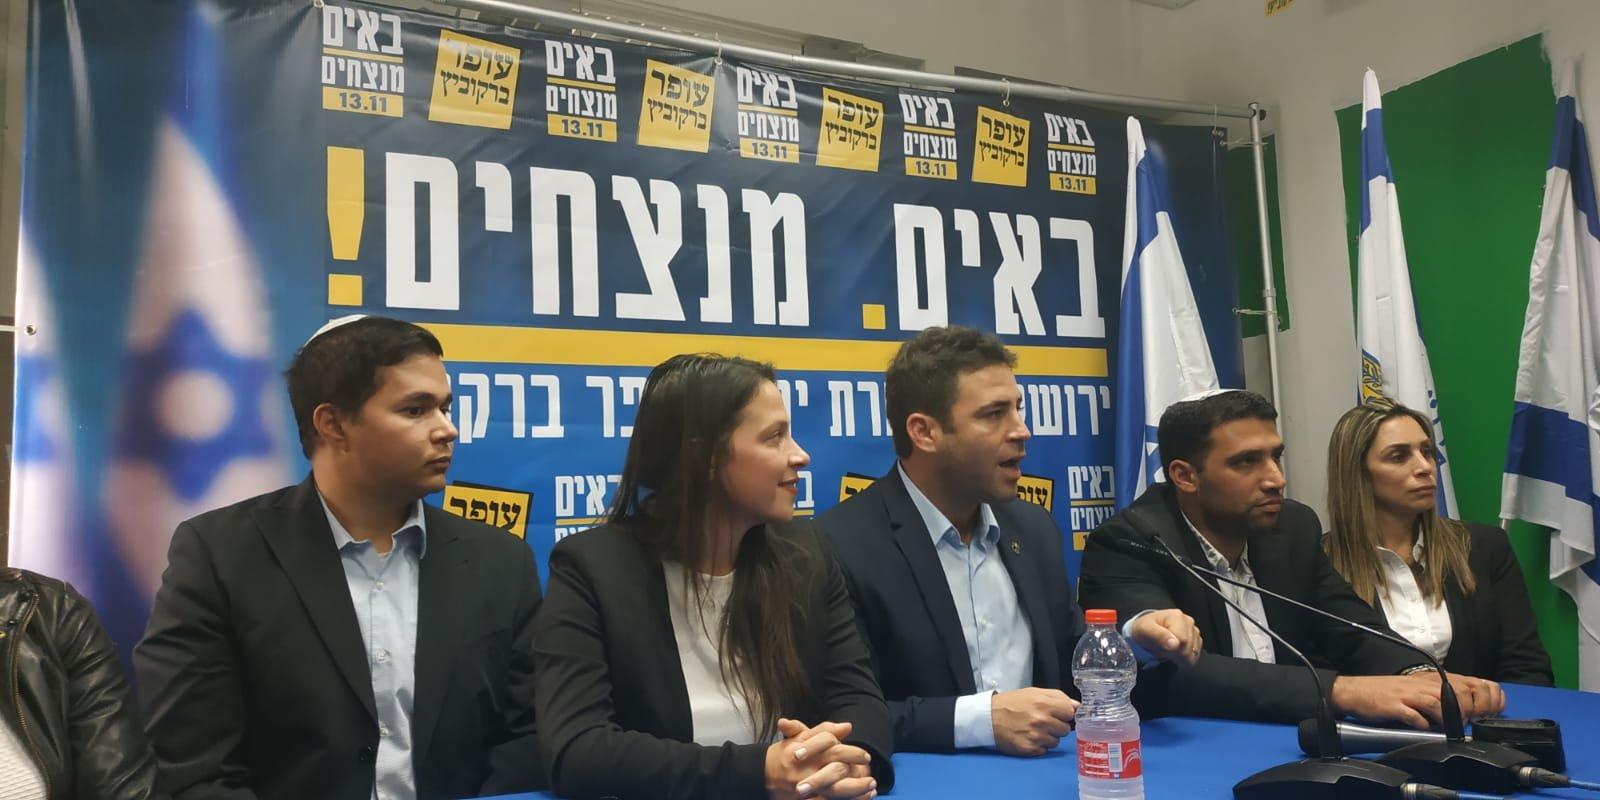 מסיבת העיתונאים, היום (צילום: שלומי הלר)